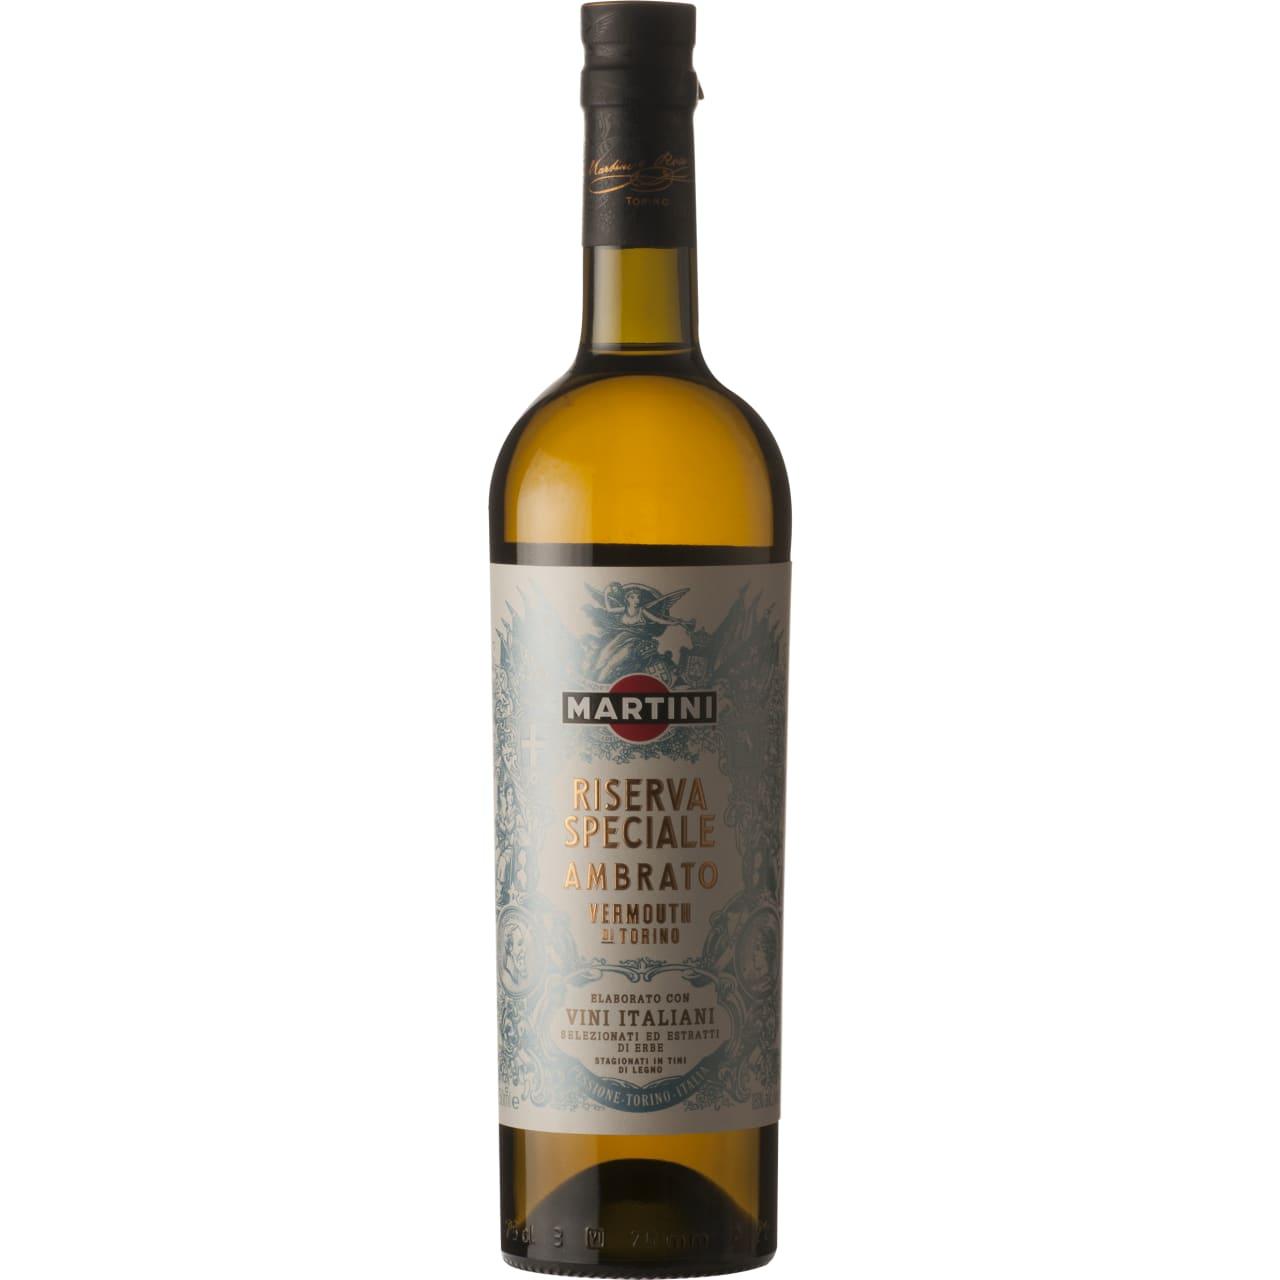 Product Image - Martini Riserva Speciale Ambrato Vermouth